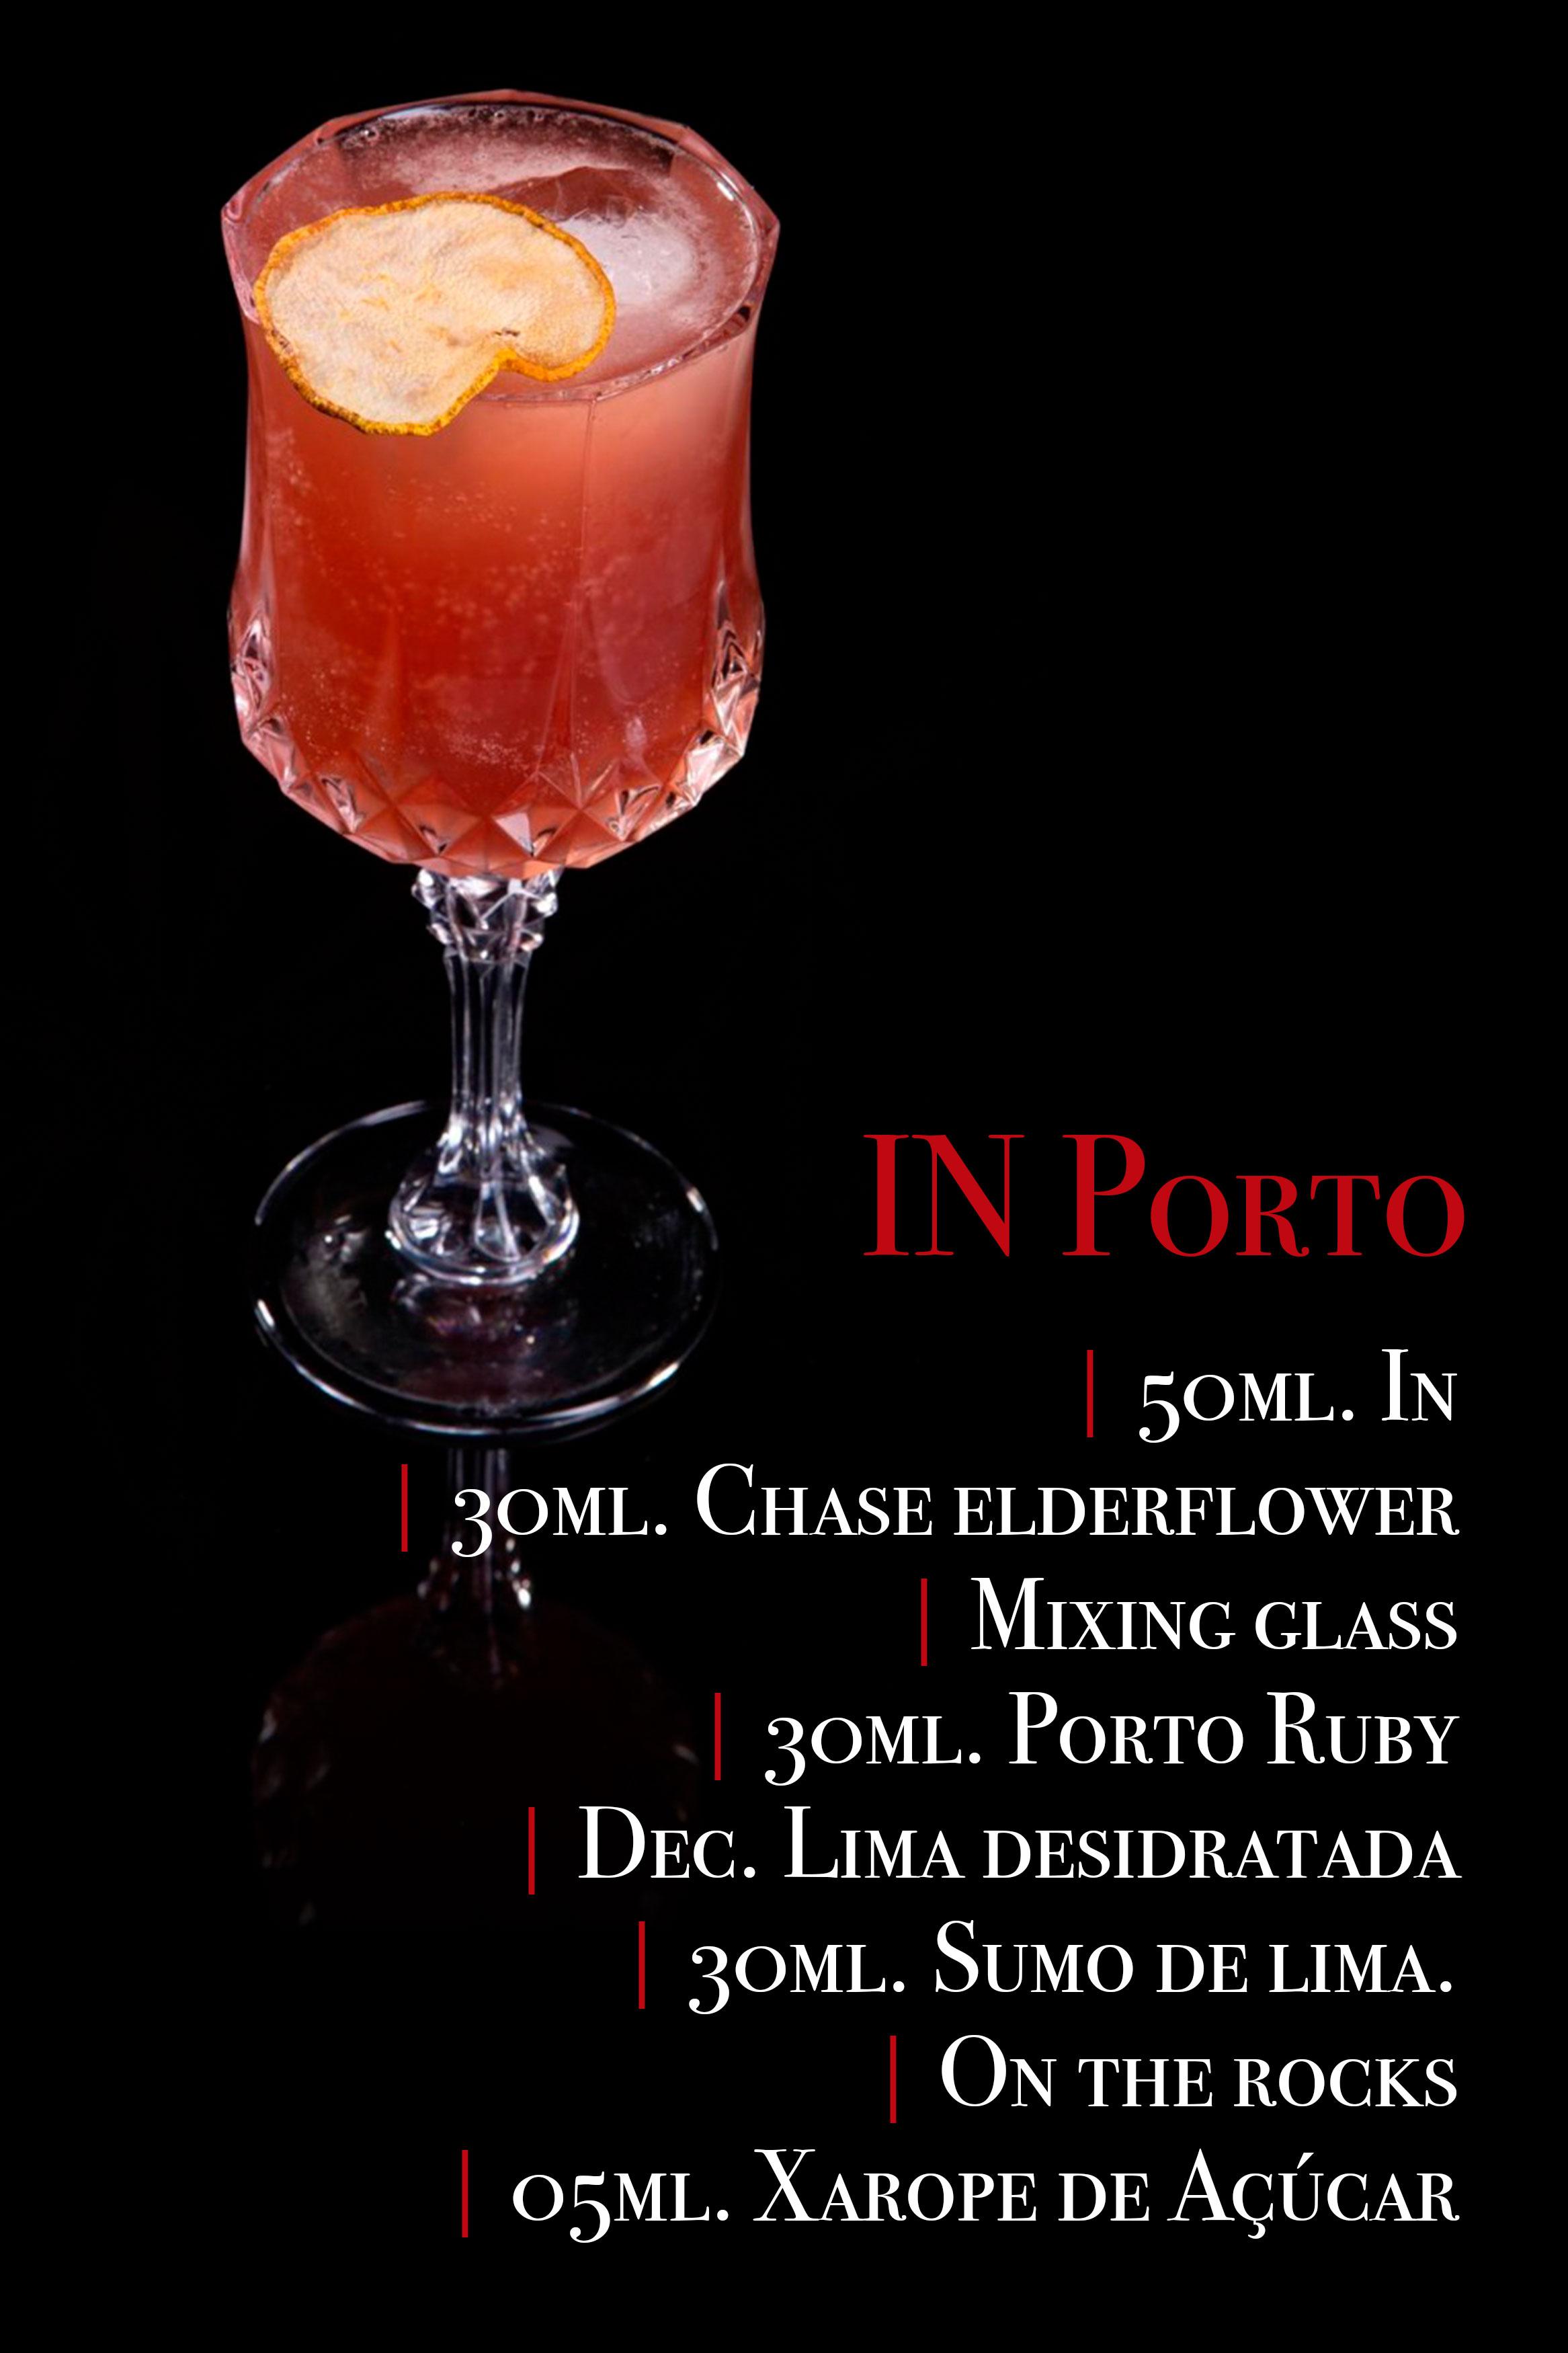 In_porto2